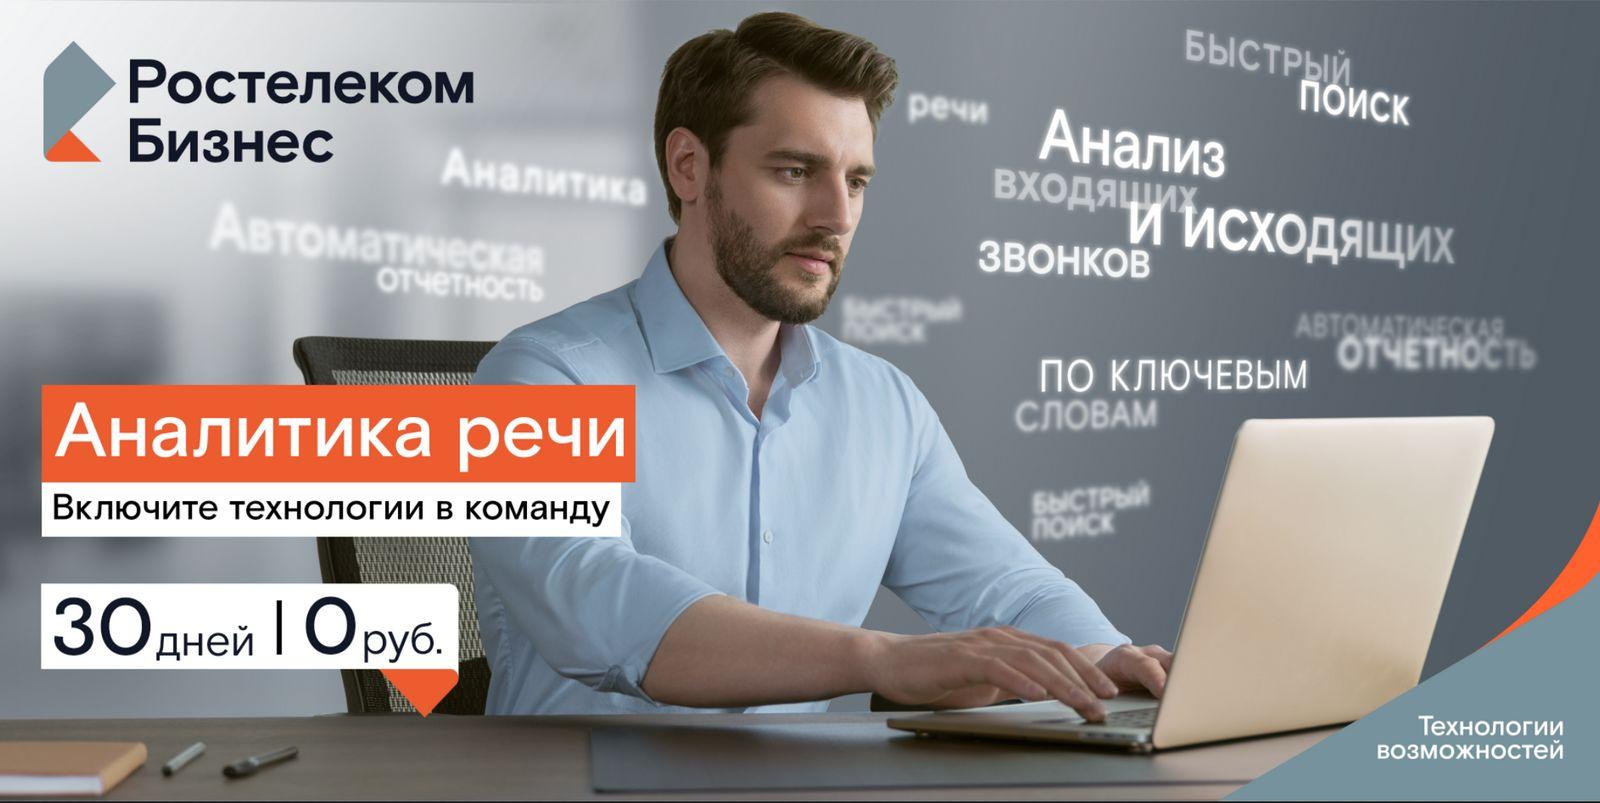 ©Изображение пресс-службы компании «Ростелеком»